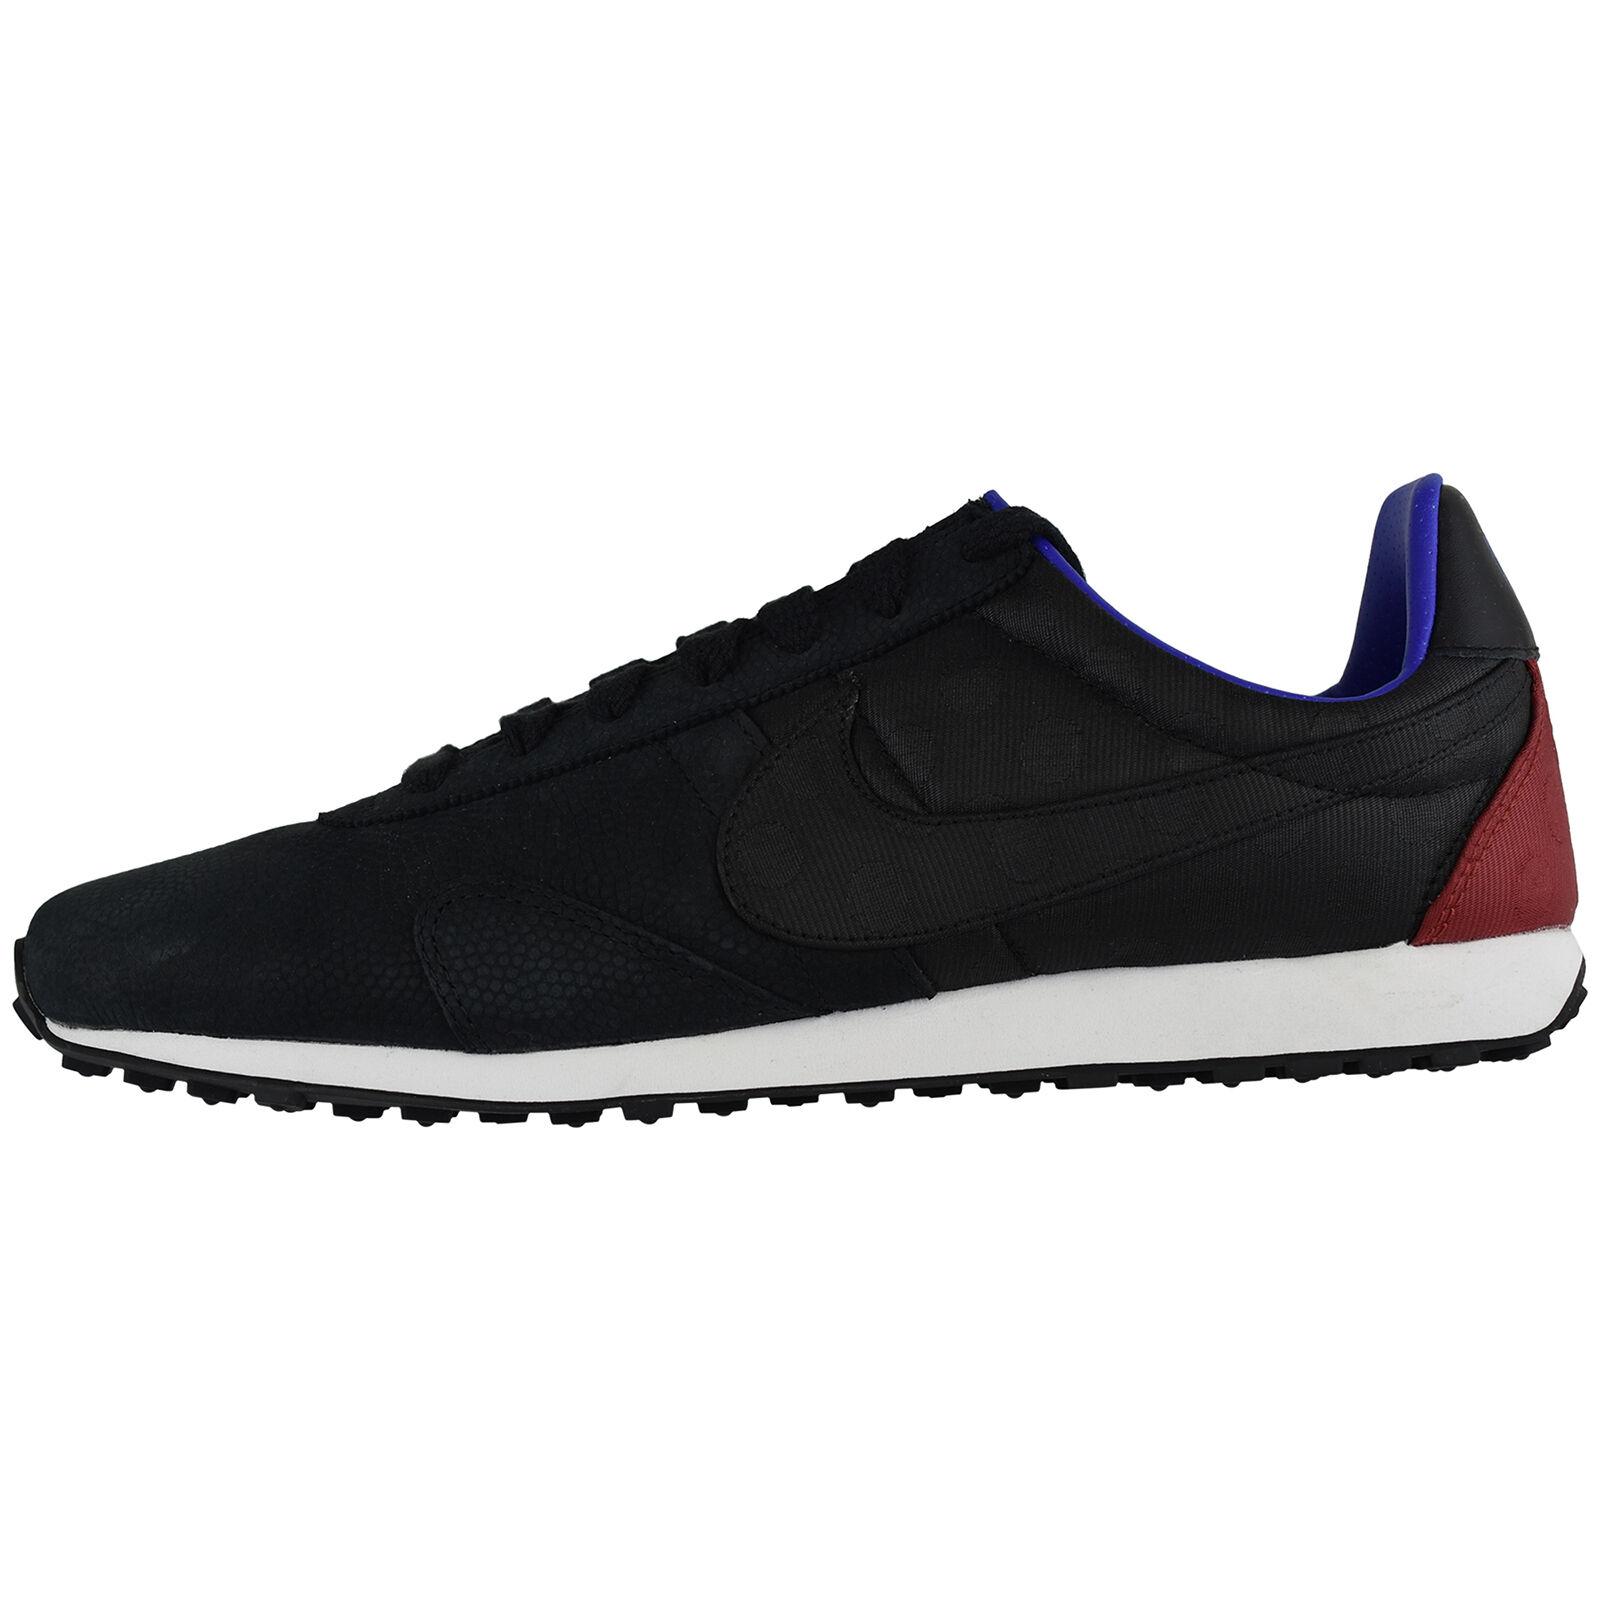 WMNS NIKE W PRE MONTREAL RACER VNTG 828436-004 per Sneaker Scarpe da running per 828436-004 il Tempo Libero Scarpe 1dbdb2